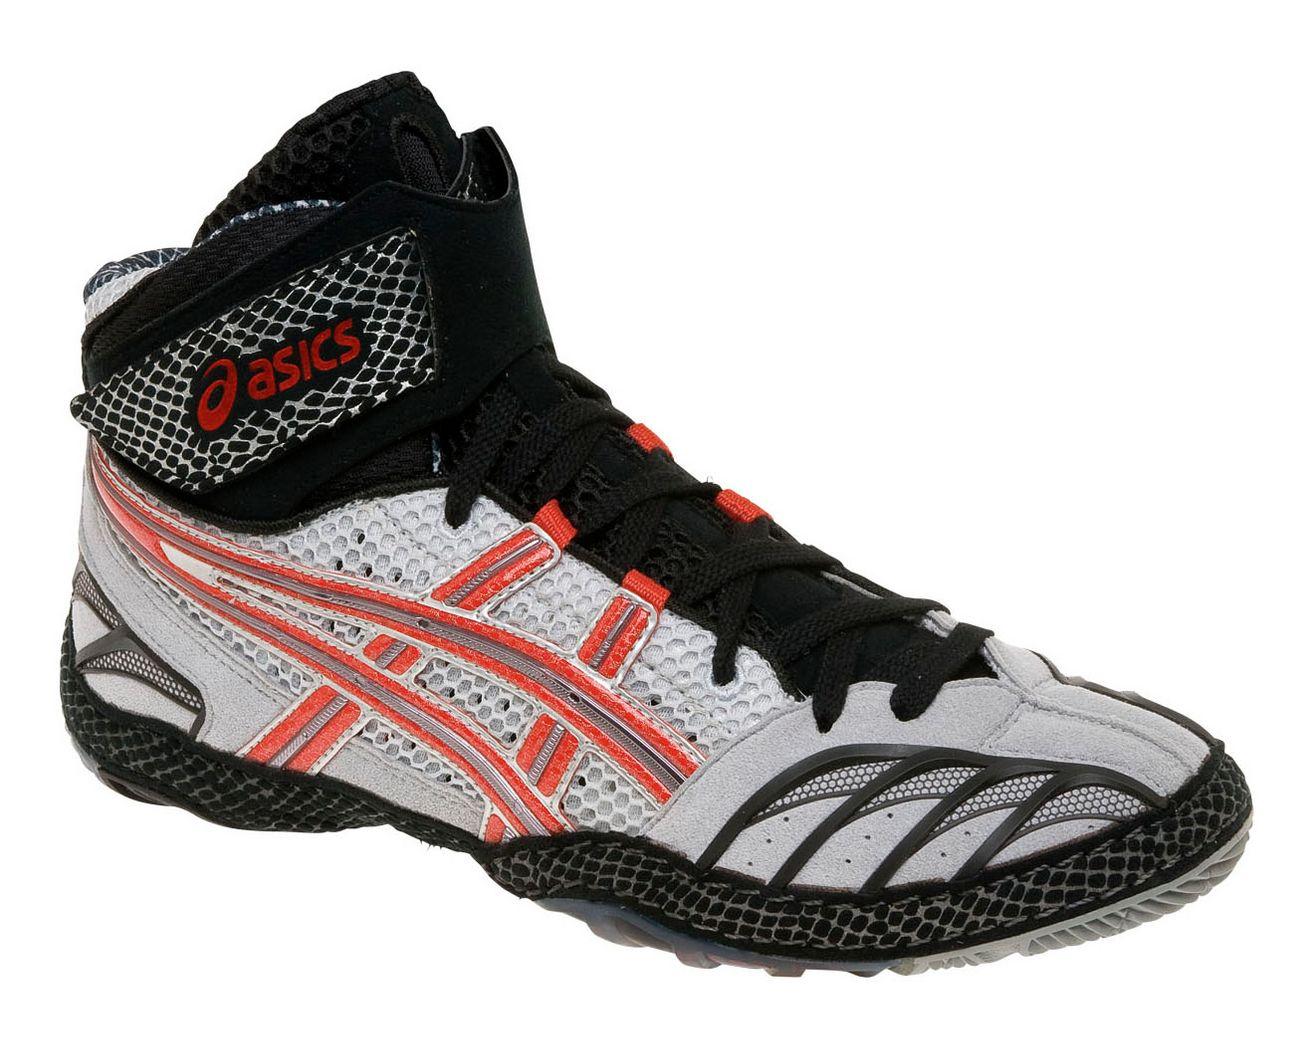 Mens ASICS Ultratek Wrestling Shoe at Road Runner Sports